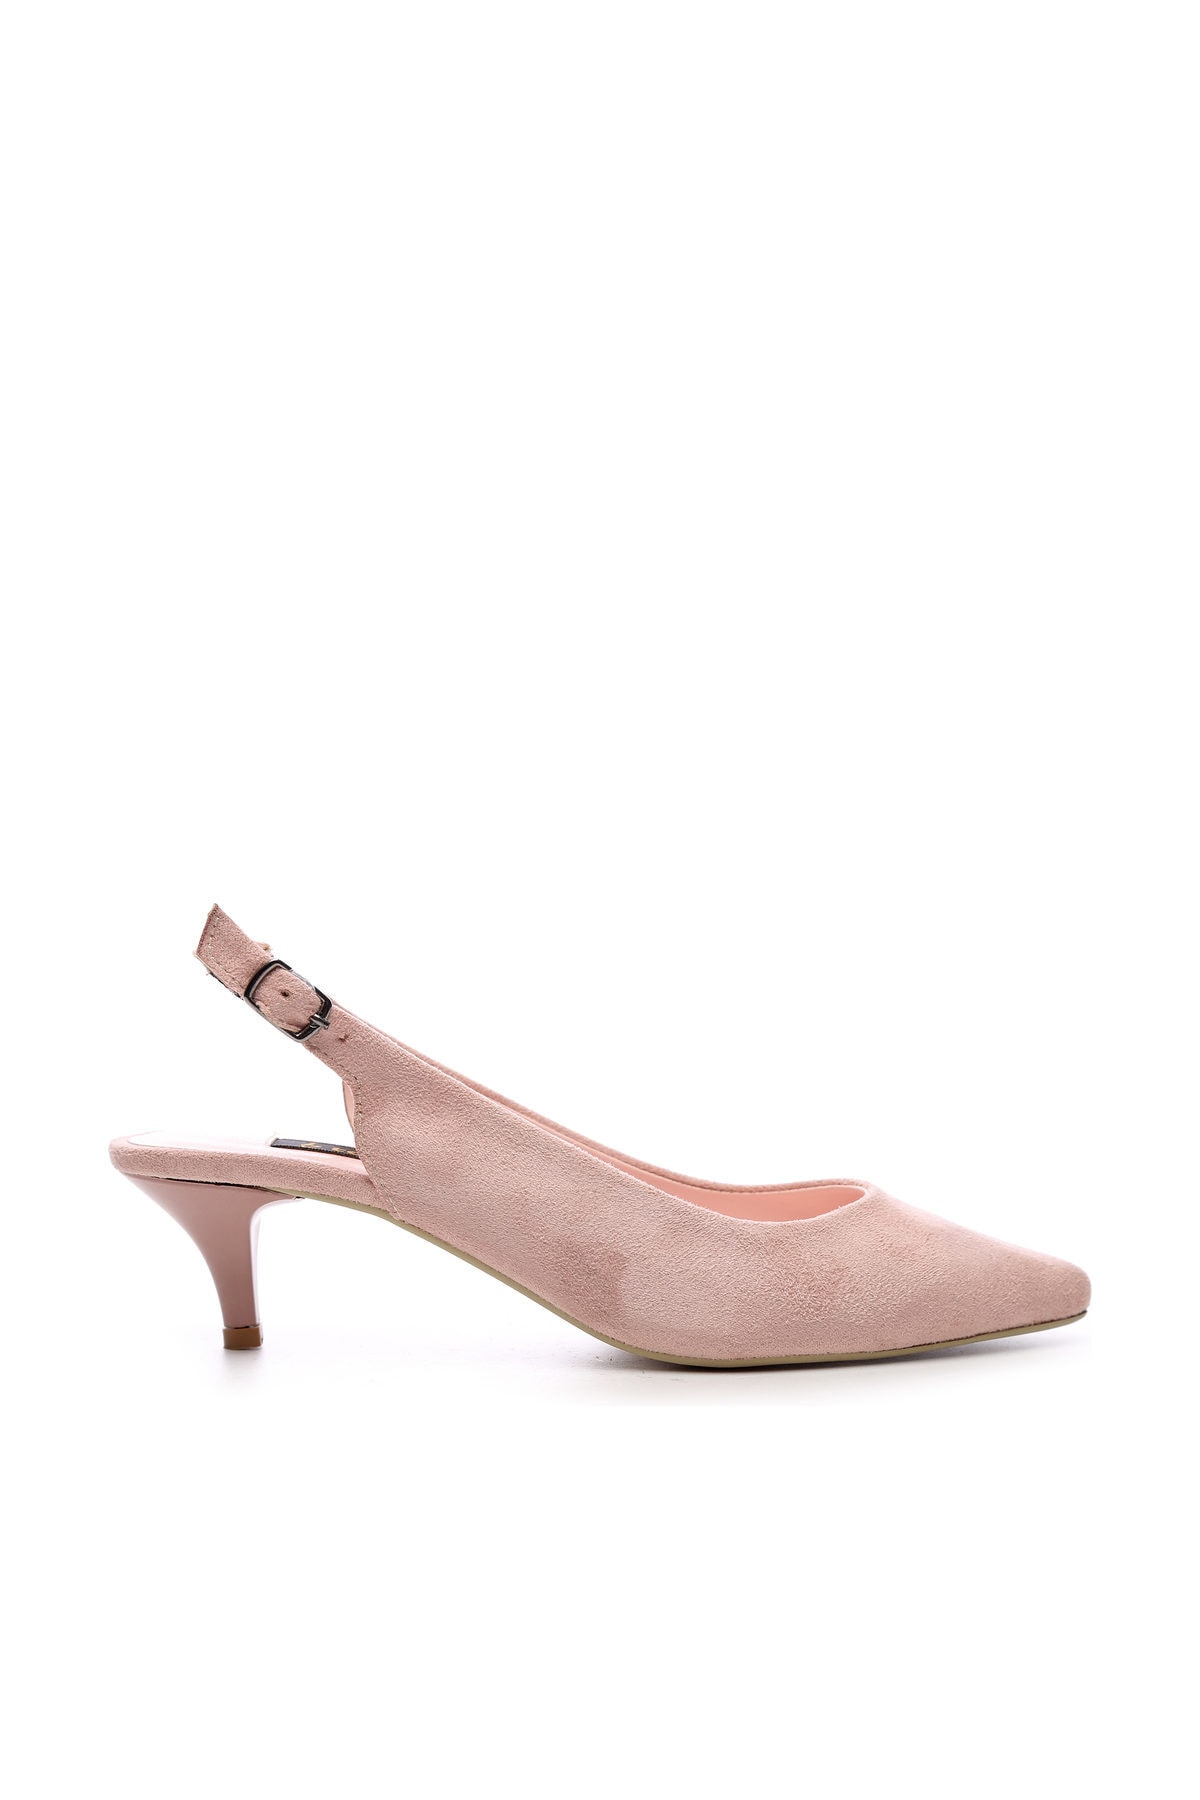 Kadın Vegan Ayakkabı Ayakkabı 720 1040 BN AYK Y20